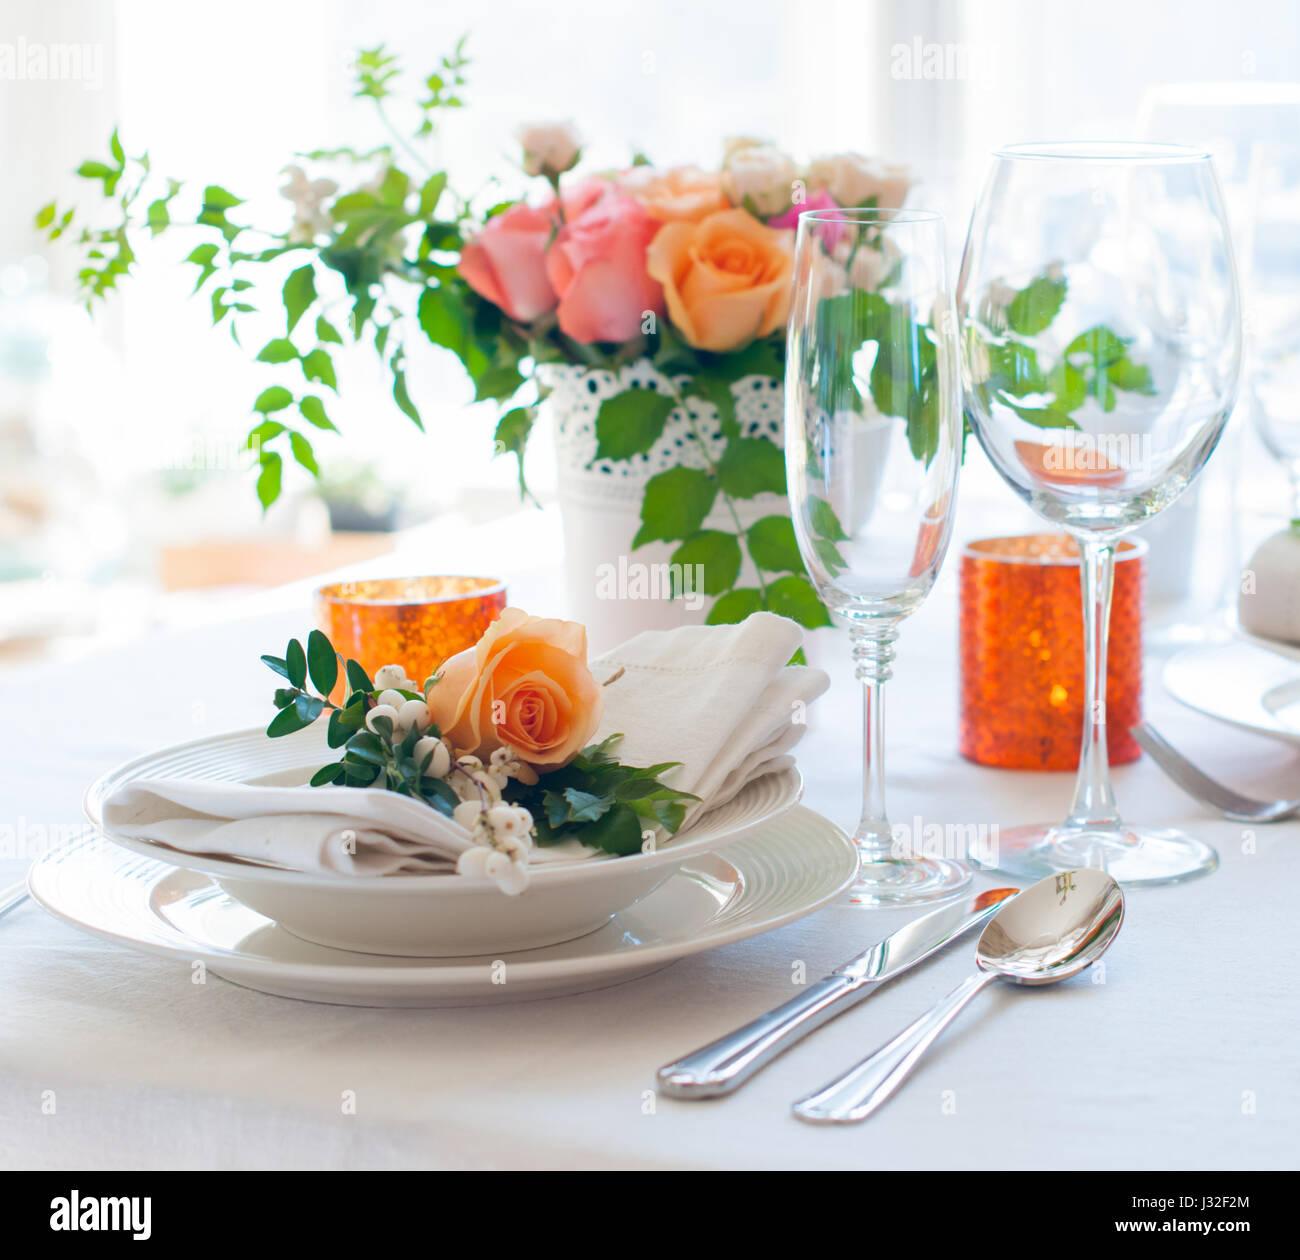 Elegante Festliche Tischdekoration Mit Bunten Blumen Besteck